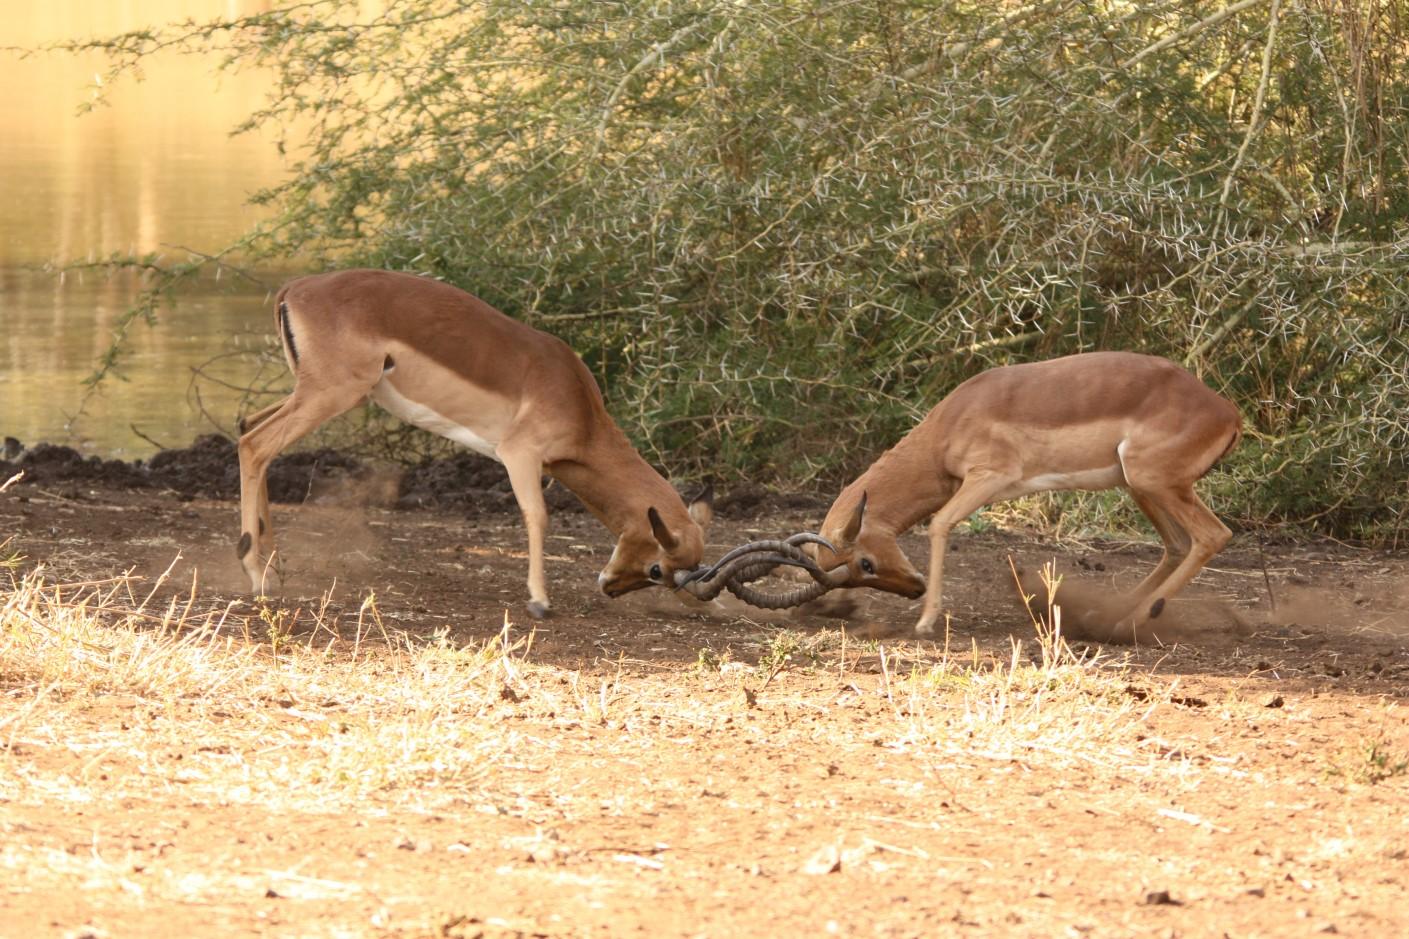 Antelope 16-08-14 (1409 x 939)